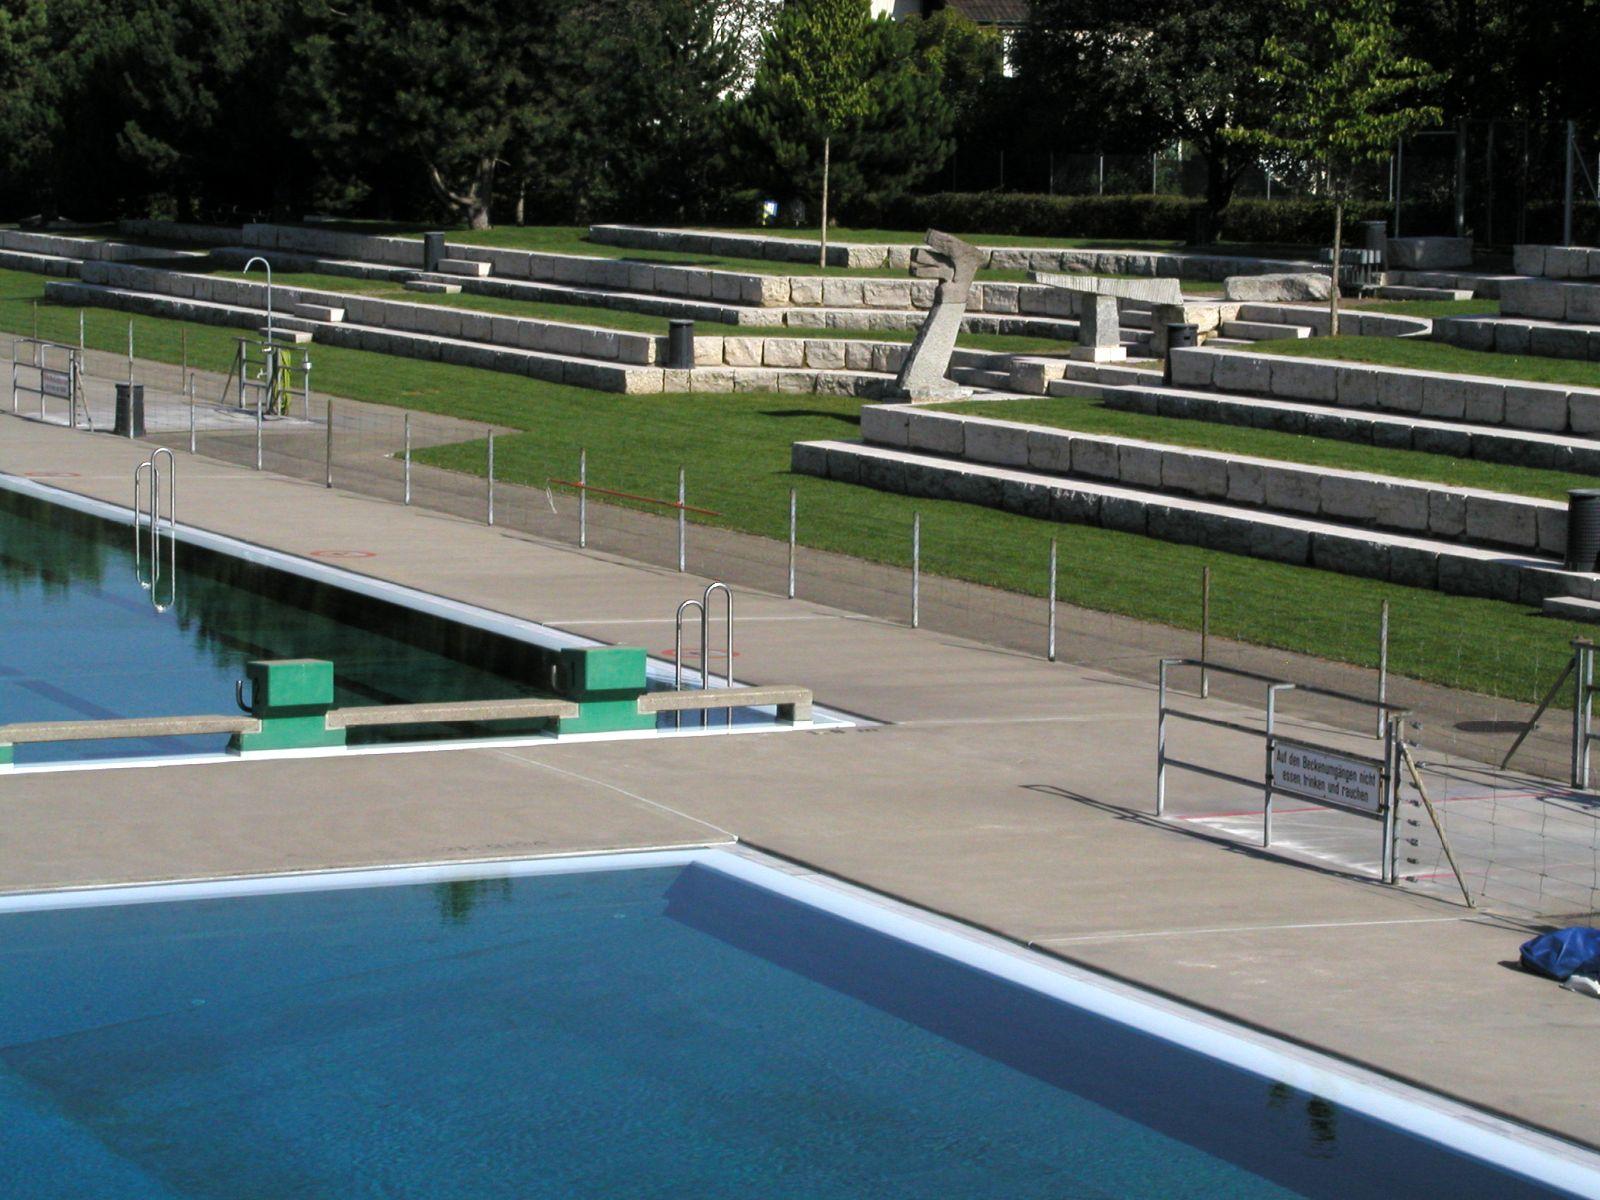 Blick auf Liegewiese und Schwimmbecken